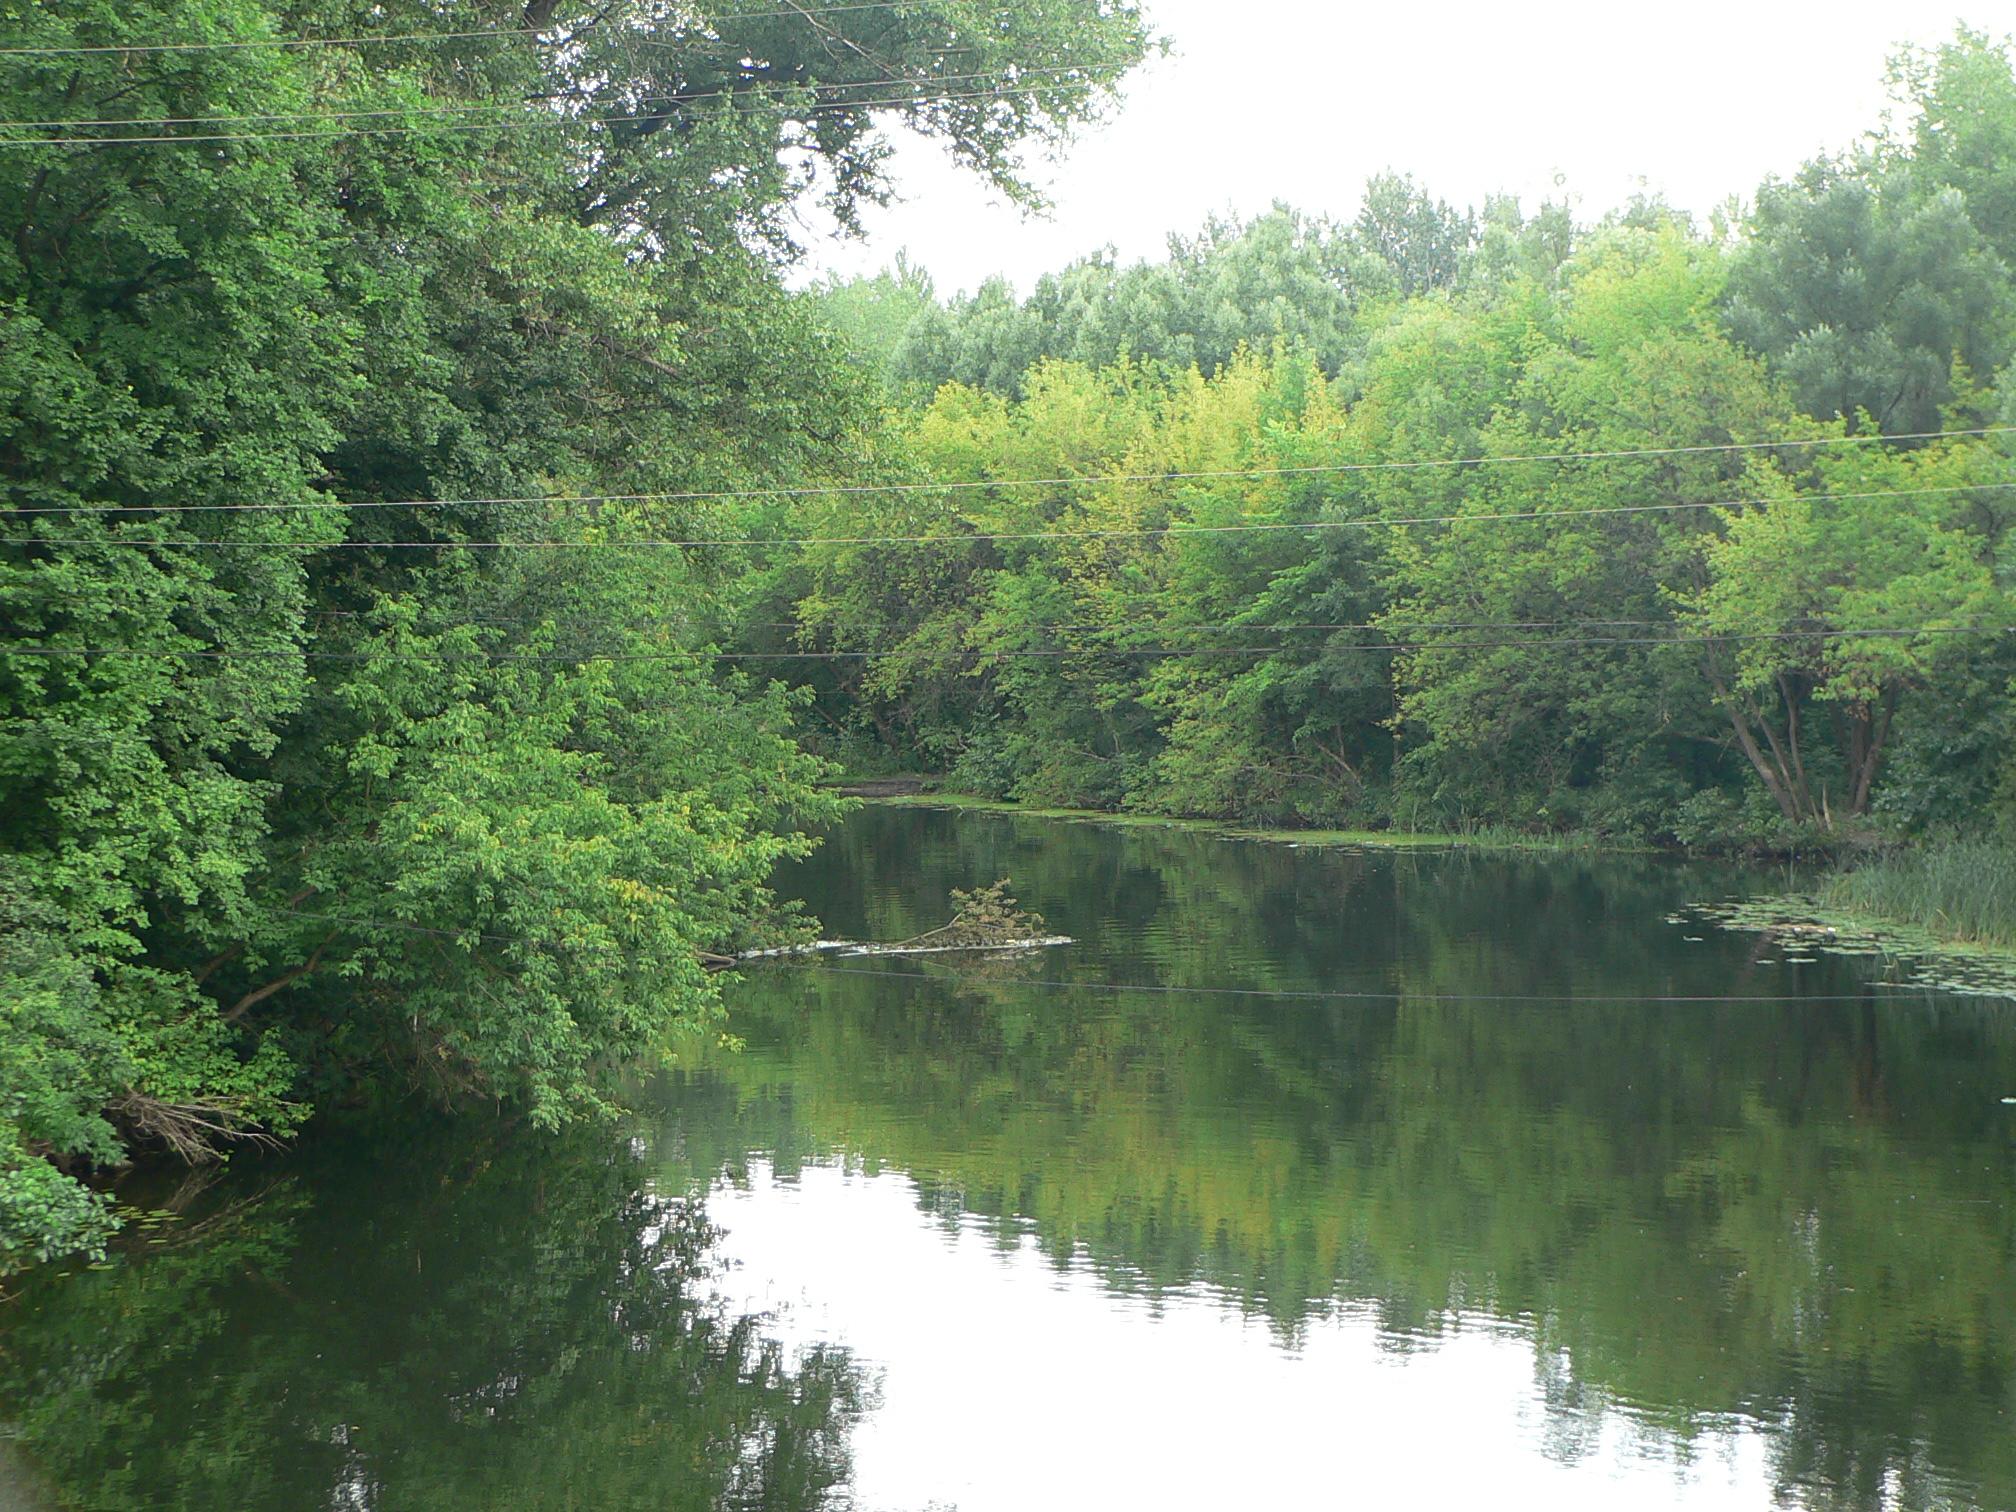 река лесной воронеж фото дачных домов чебоксарах